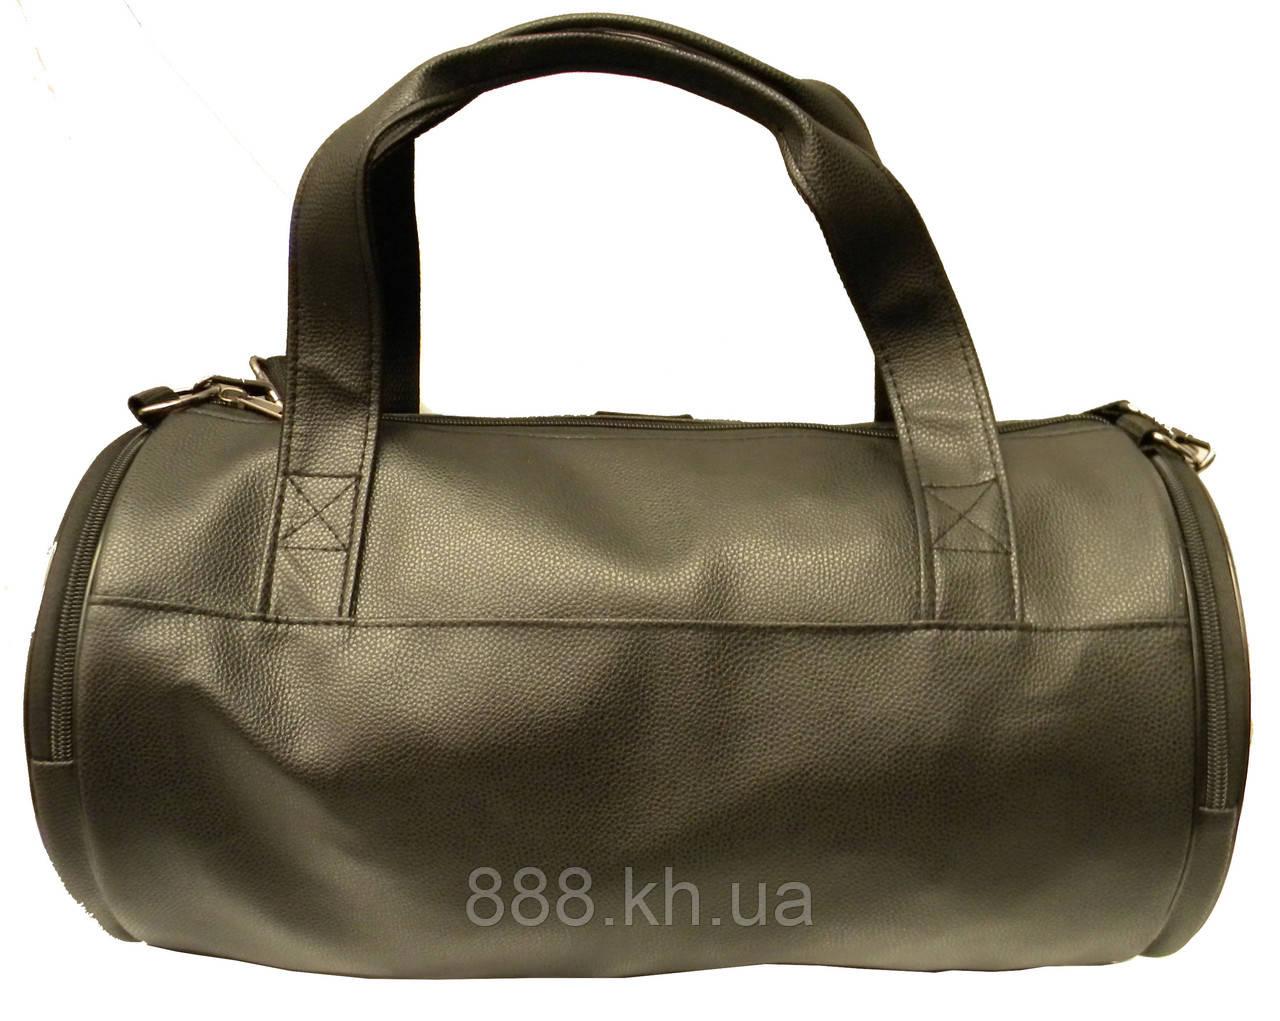 a1650ed61b94 ... Кожаная сумка бочка Philipp Plein, черная мужская сумка PP, женская  сумка для тренировок Филипп ...